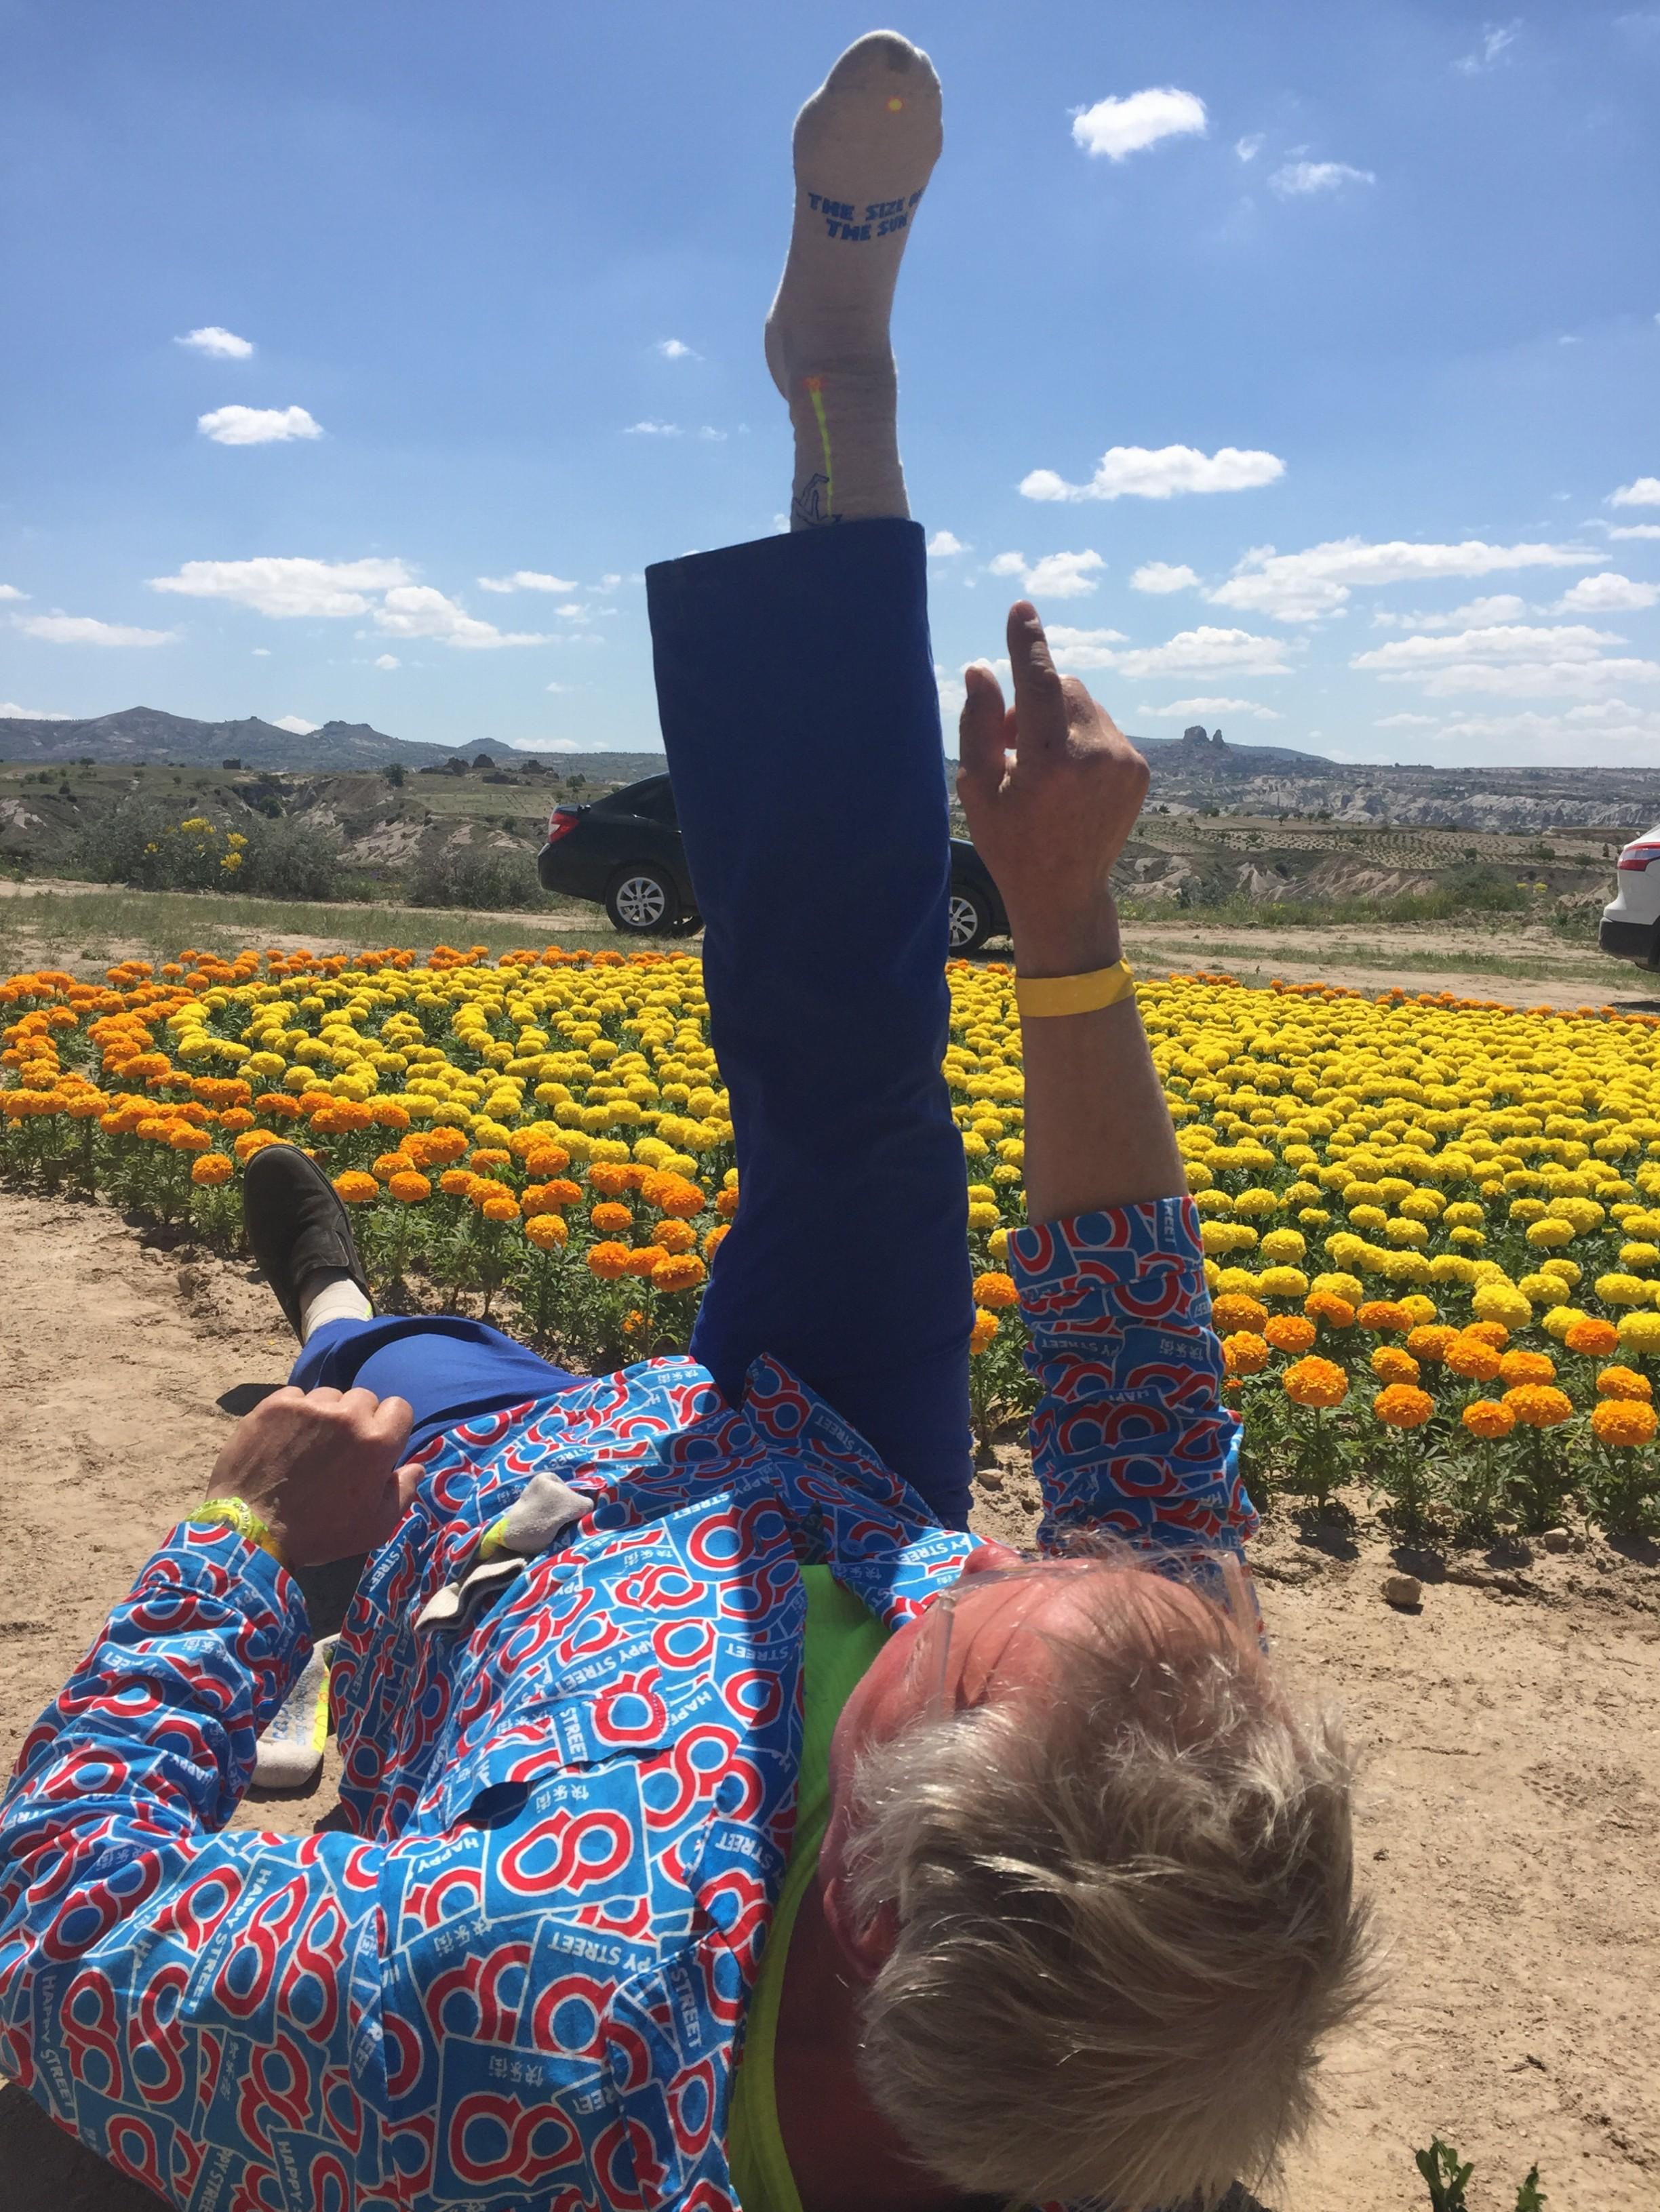 Güneş'in doğuşundaki boyutunu ölçen çorap! Bize bilimadamlarıyla çalıştı falan dediler ama John Körmeling bildiğin sabah yoga yaparken çıkarıp nasıl ölçüm yaptığını (kahkahalarımız arasında) böyle anlattı. Güncel sanat turumuz sırasında sanatı ve sanatçıyı daha çok seviyor, hepimiz o şık çoraptan almak istiyoruz:) Bu arada vadinin ortasındaki sarı ve turuncu çiçekler Güneş'in Dogus ve batışındaki boyutları gösteriyor.